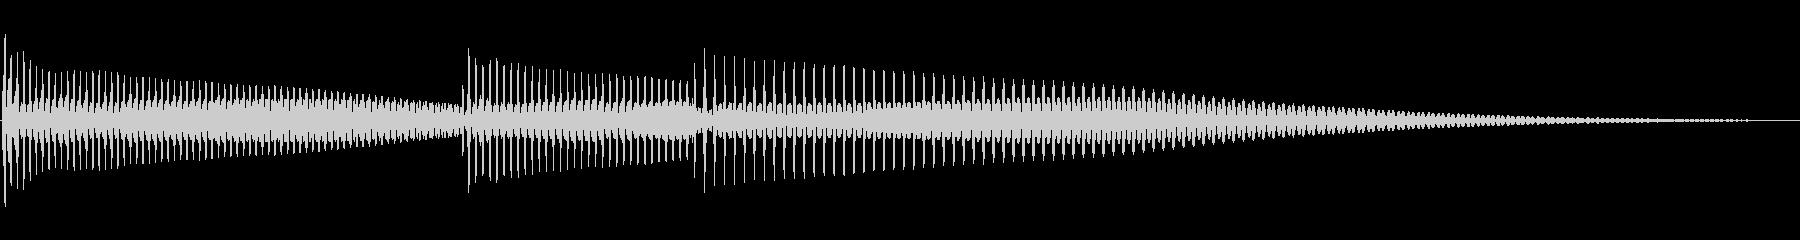 テテテン(機械的なキャンセル音)の未再生の波形